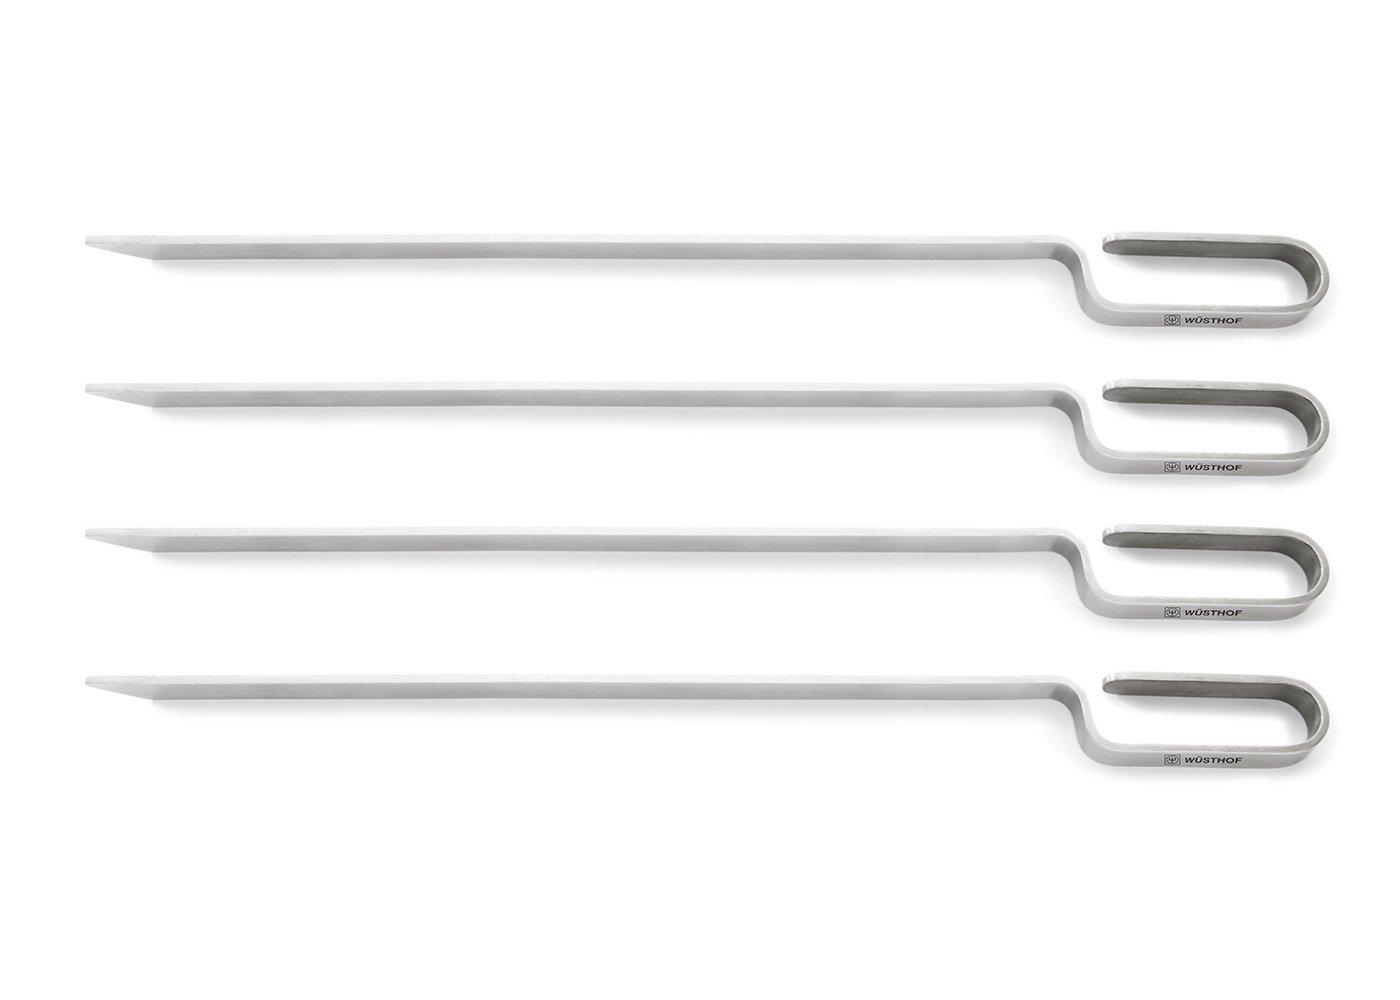 Wusthof Stainless Steel 4 Piece Skewer Set